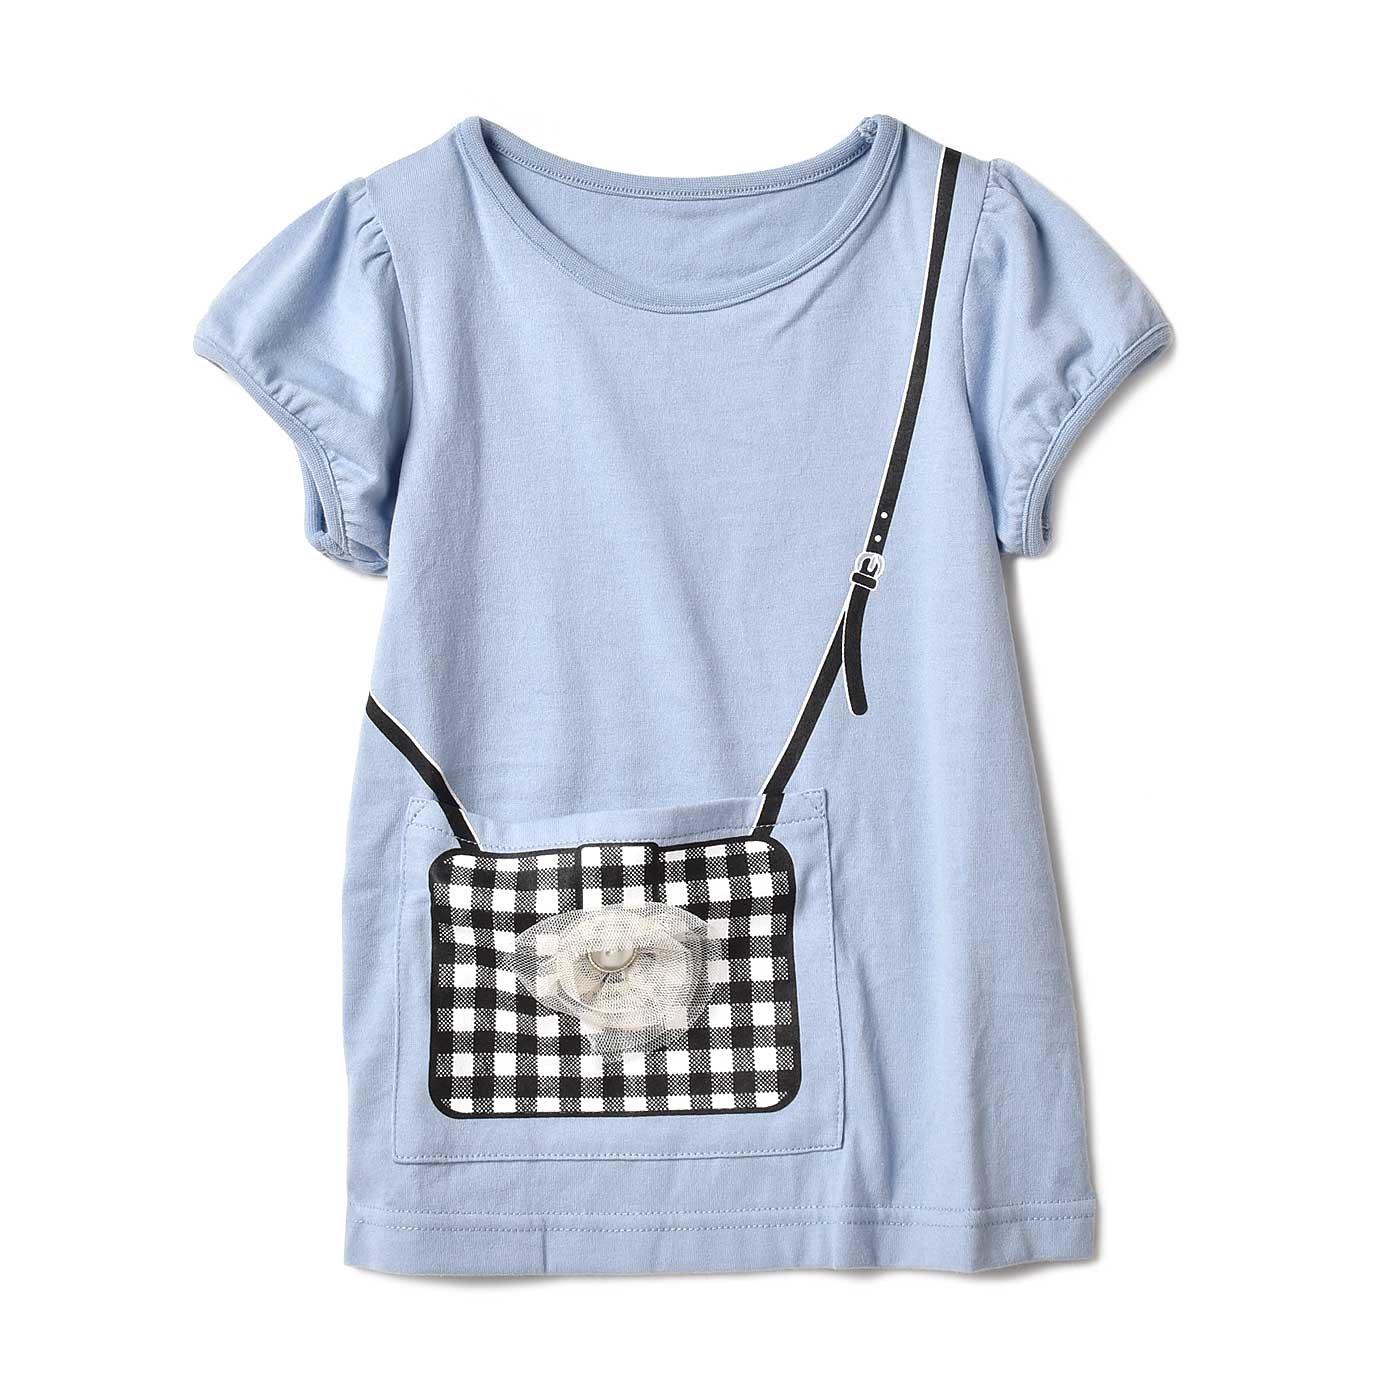 いっしょにお出かけ♪ ポケットになったポシェットプリントTシャツ〈ライトブルー〉